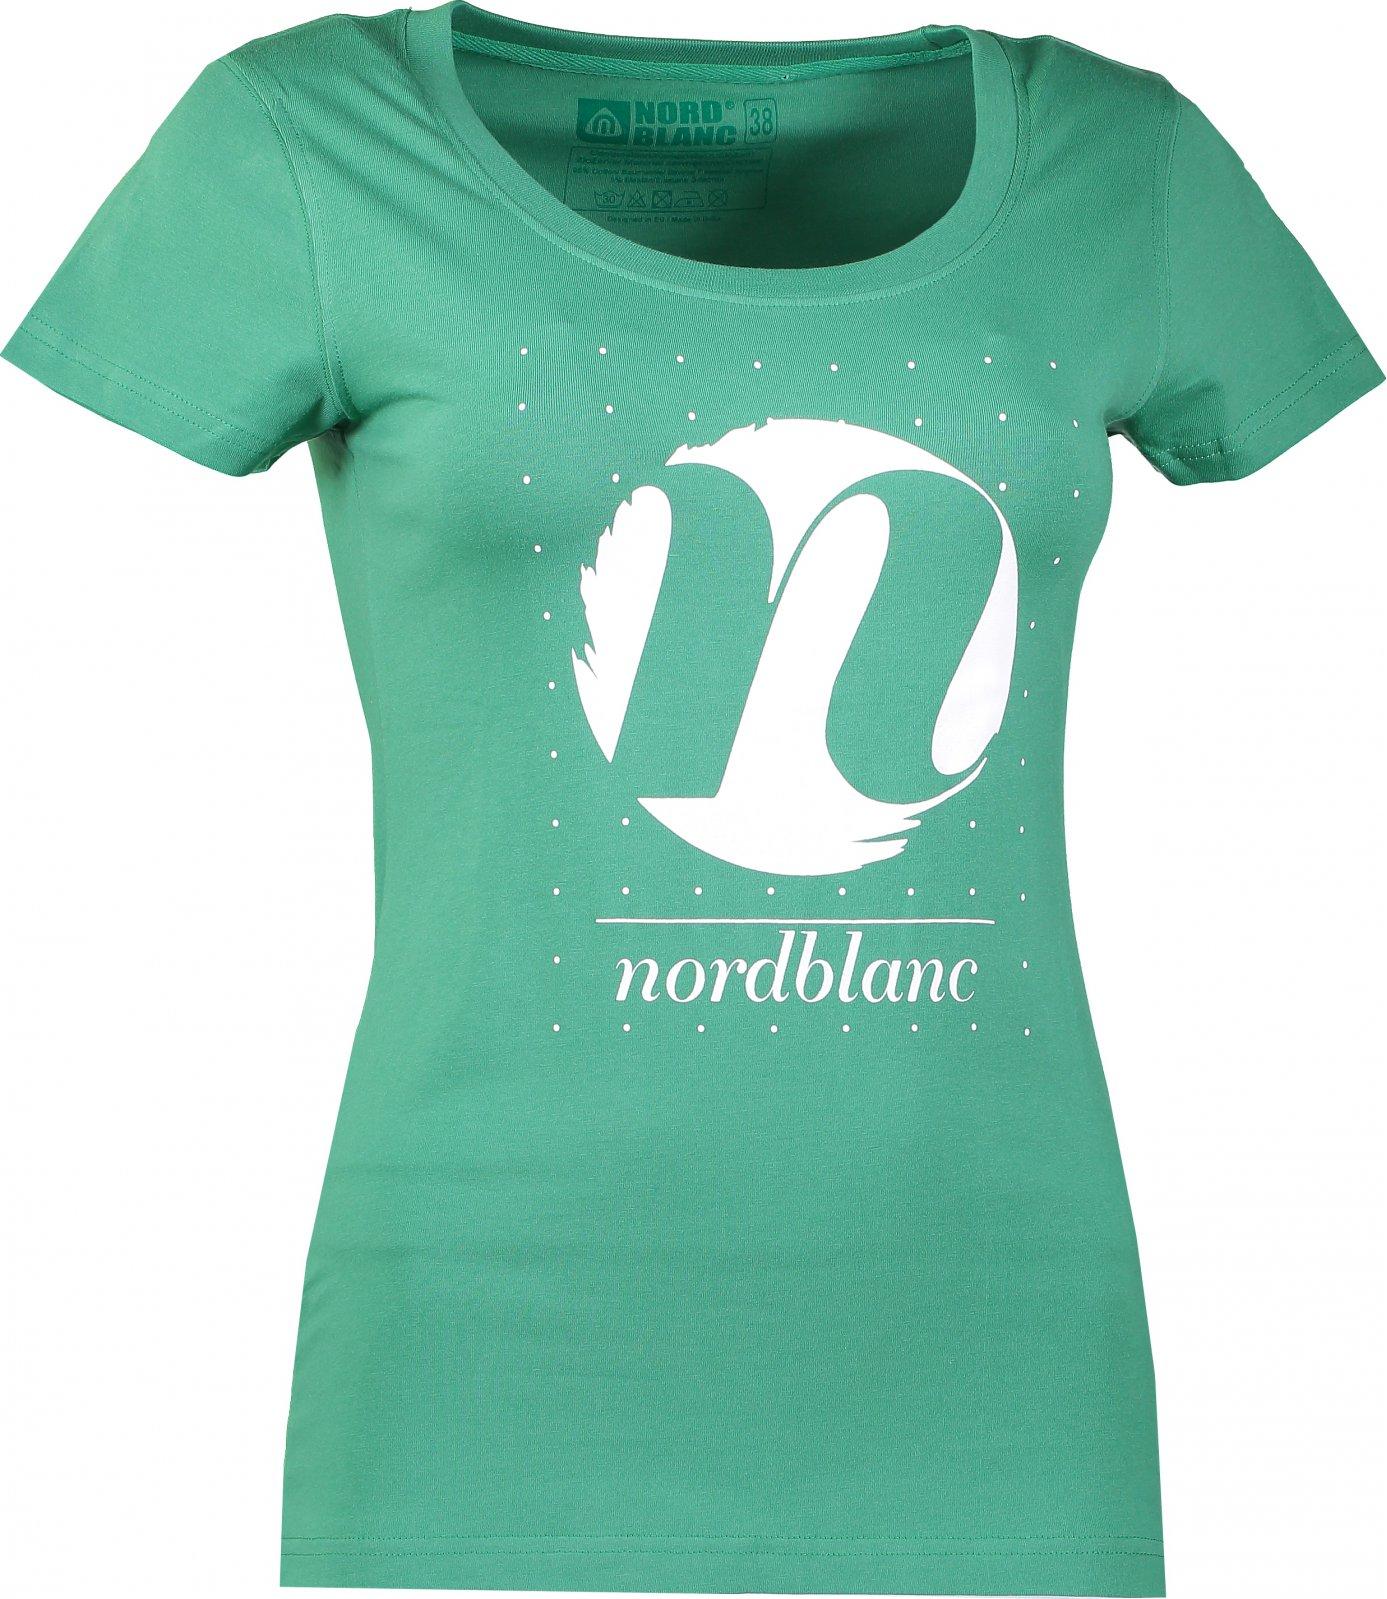 030a930fcd7 Nordblanc CYCLE NBFLT6559 zelená naděje od 359 Kč • Zboží.cz